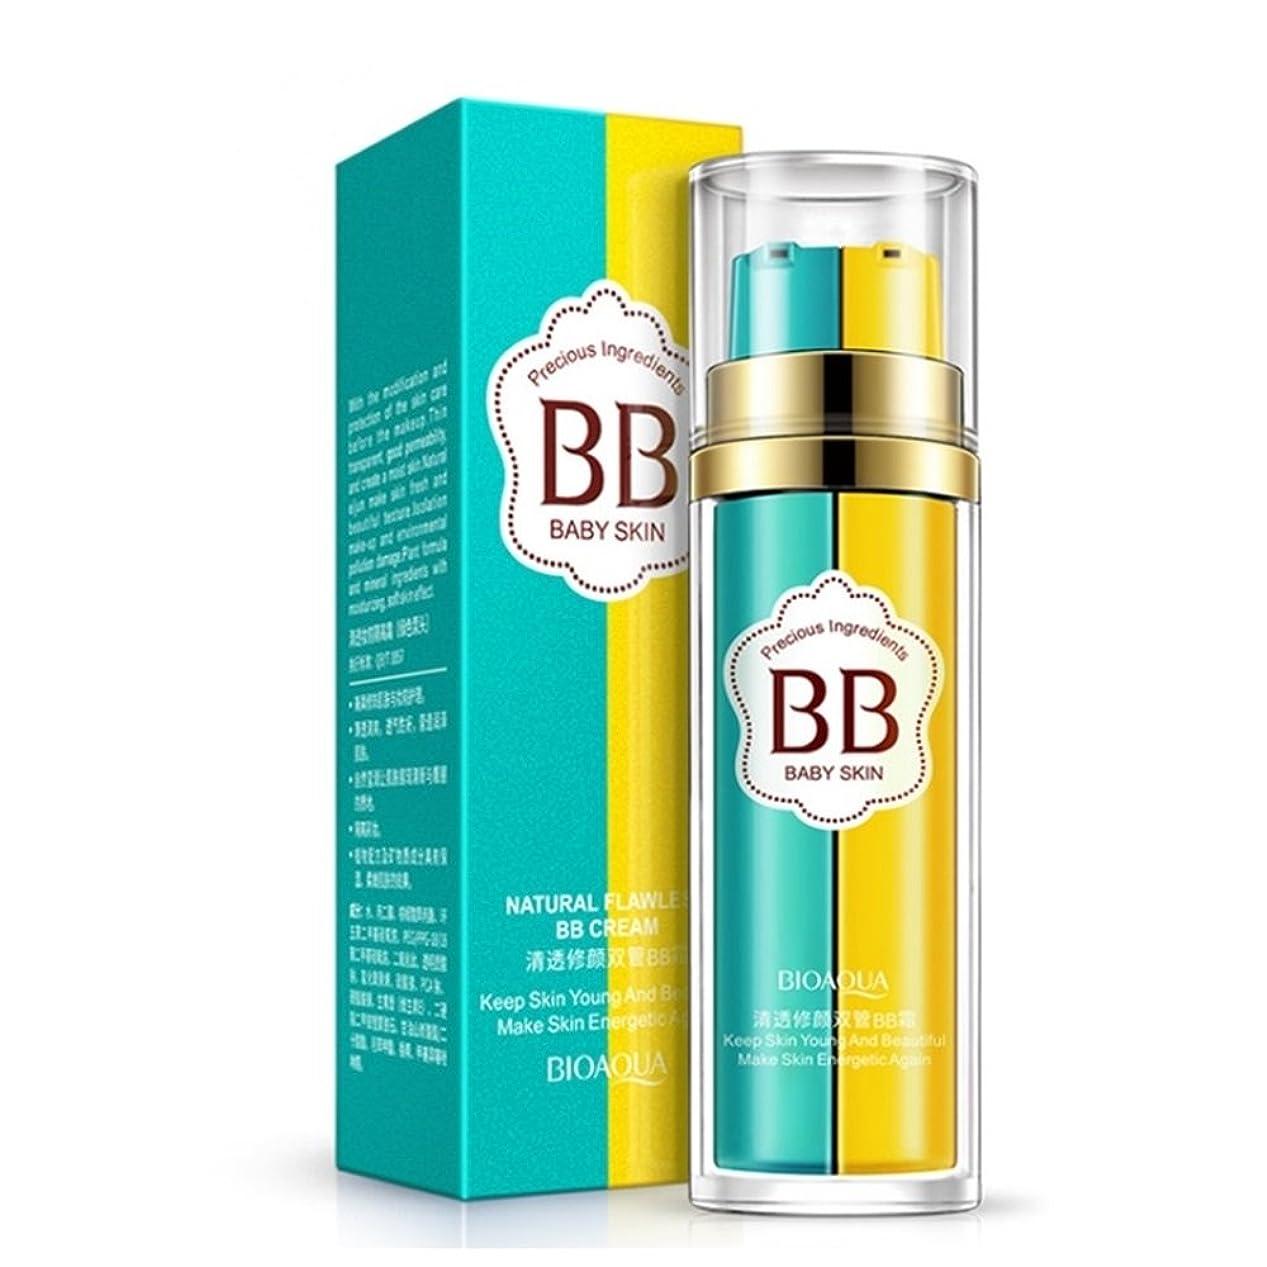 スチュワーデスドラフトサイクロプスFace Double BB Cream Concealer Moisturizing Nourish Brighten BB Cream Natural Nude Makeup Long-Lasting Not Easy To Flower Makeup. (3.Light Skin)